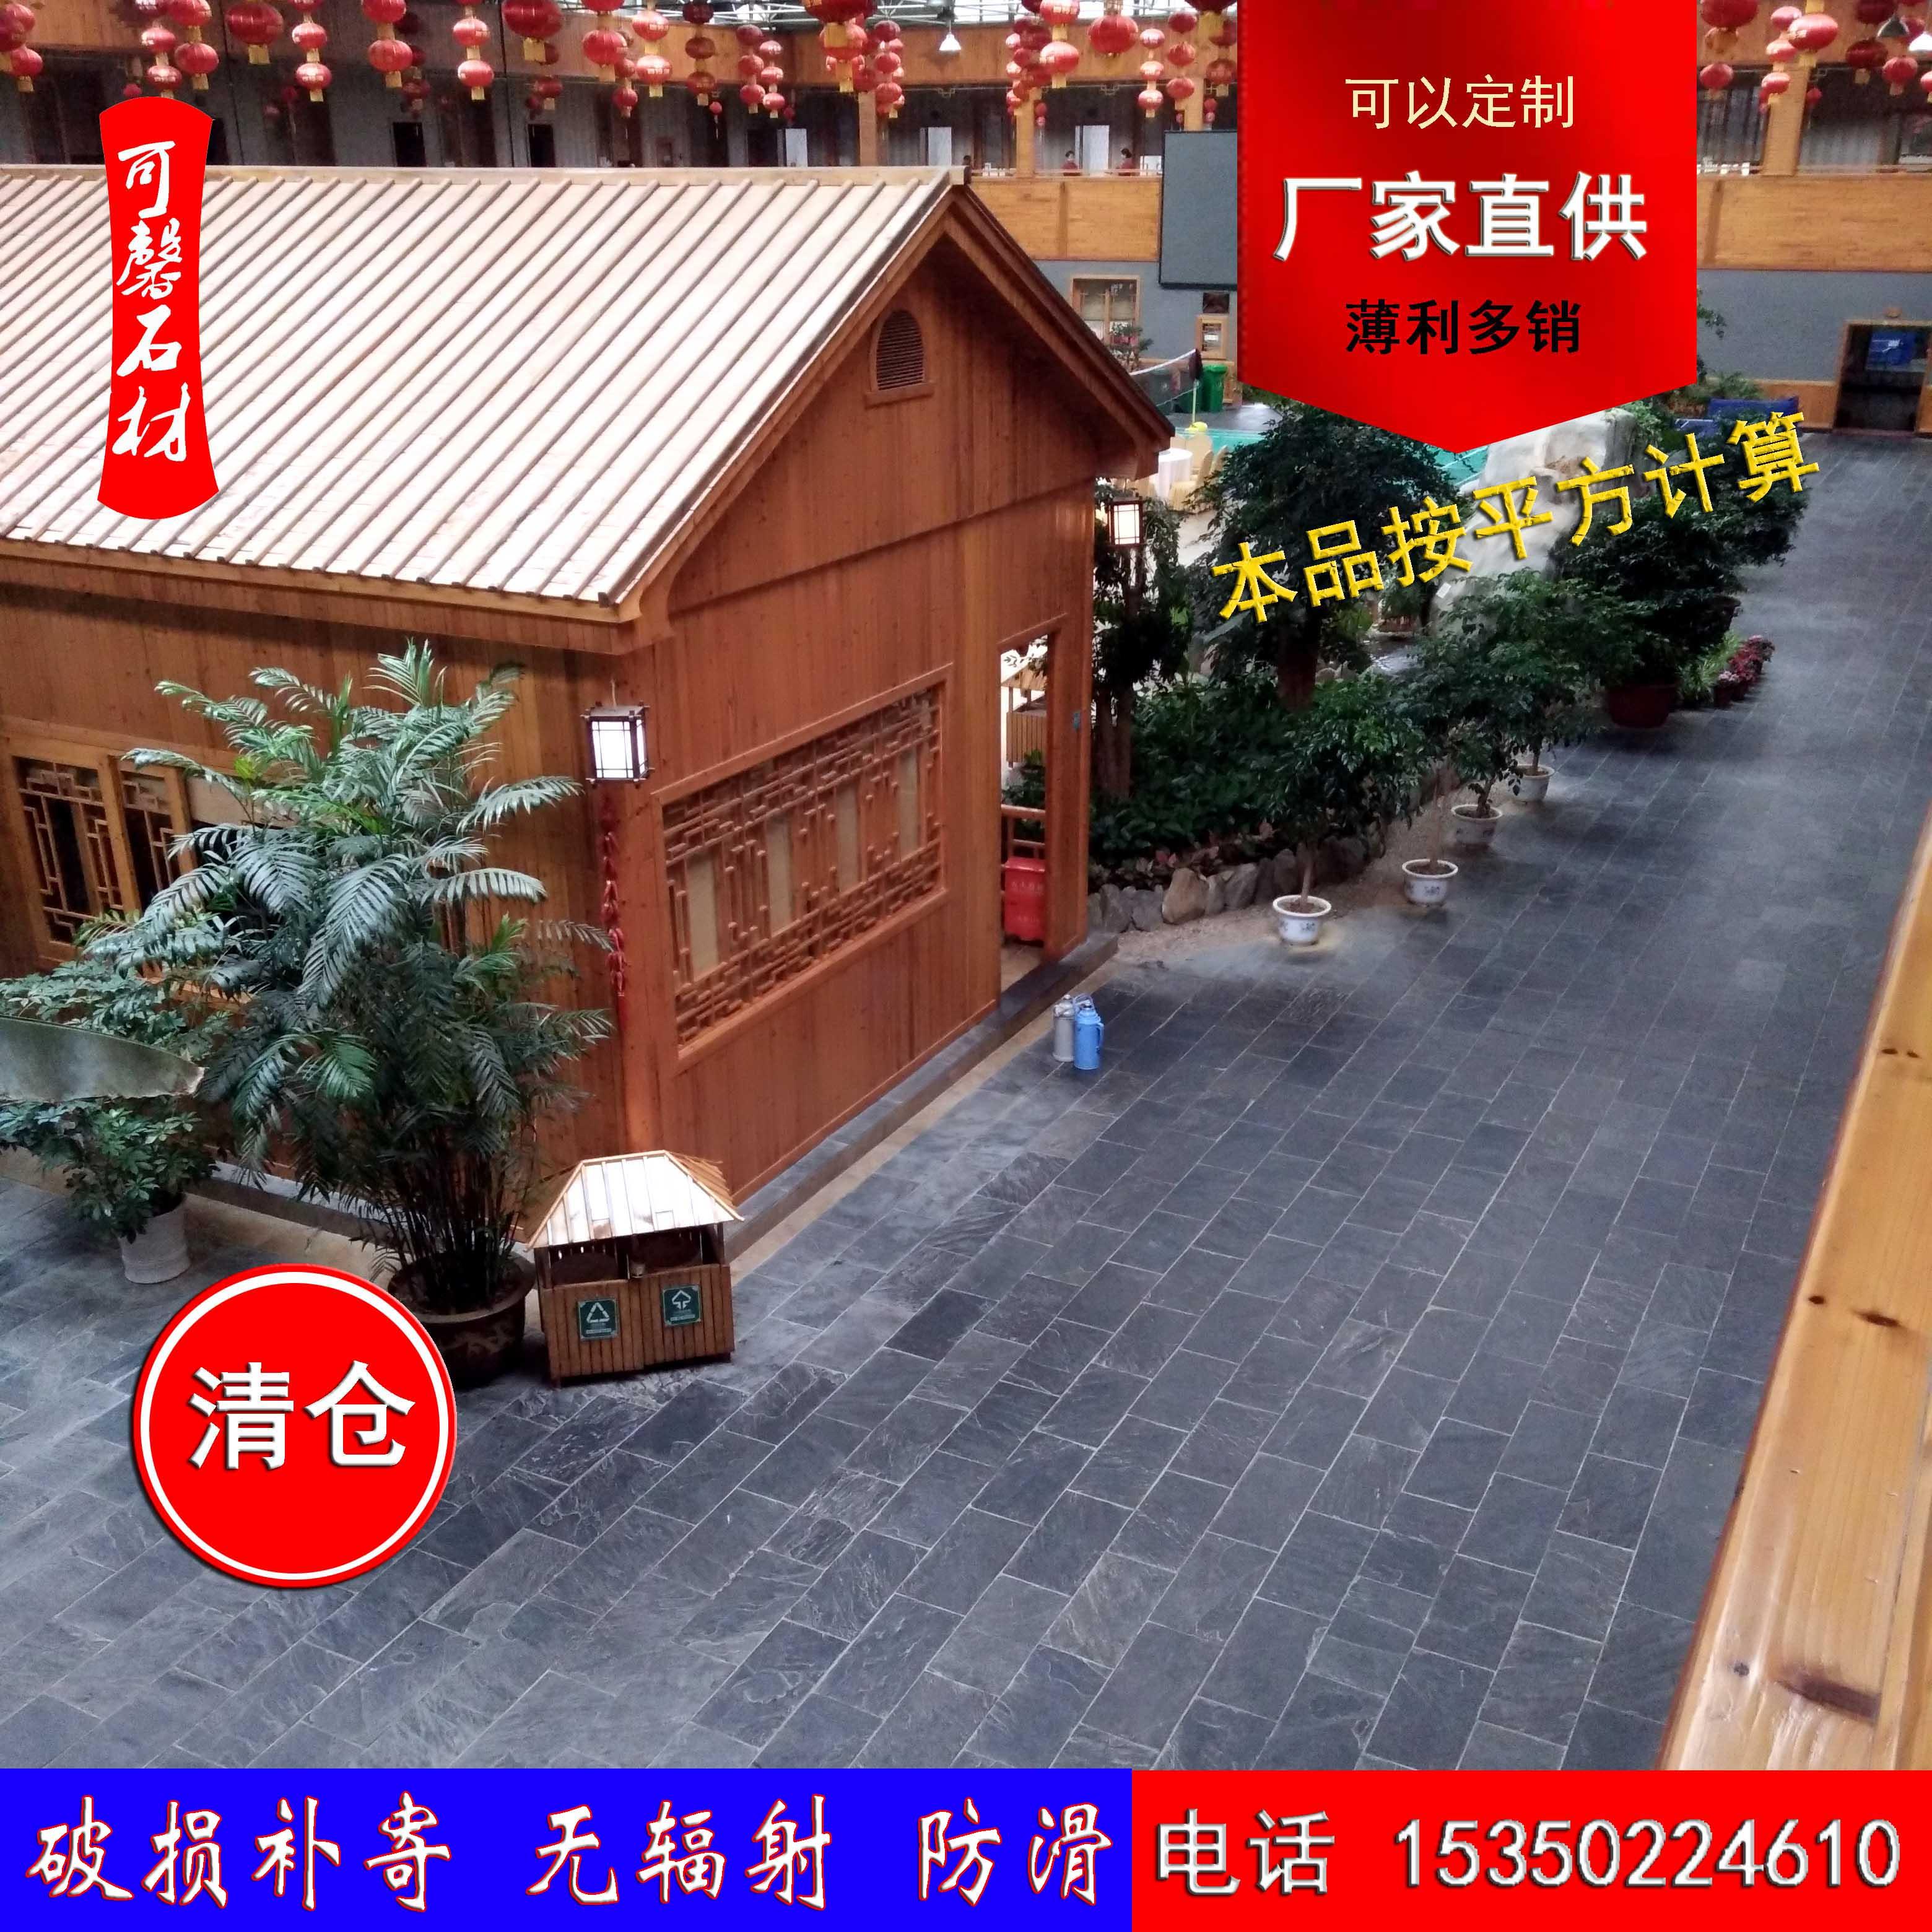 Green stone plate courtyard floor tile outdoor floor tile indoor antique brick terrace floor tile garden natural stone